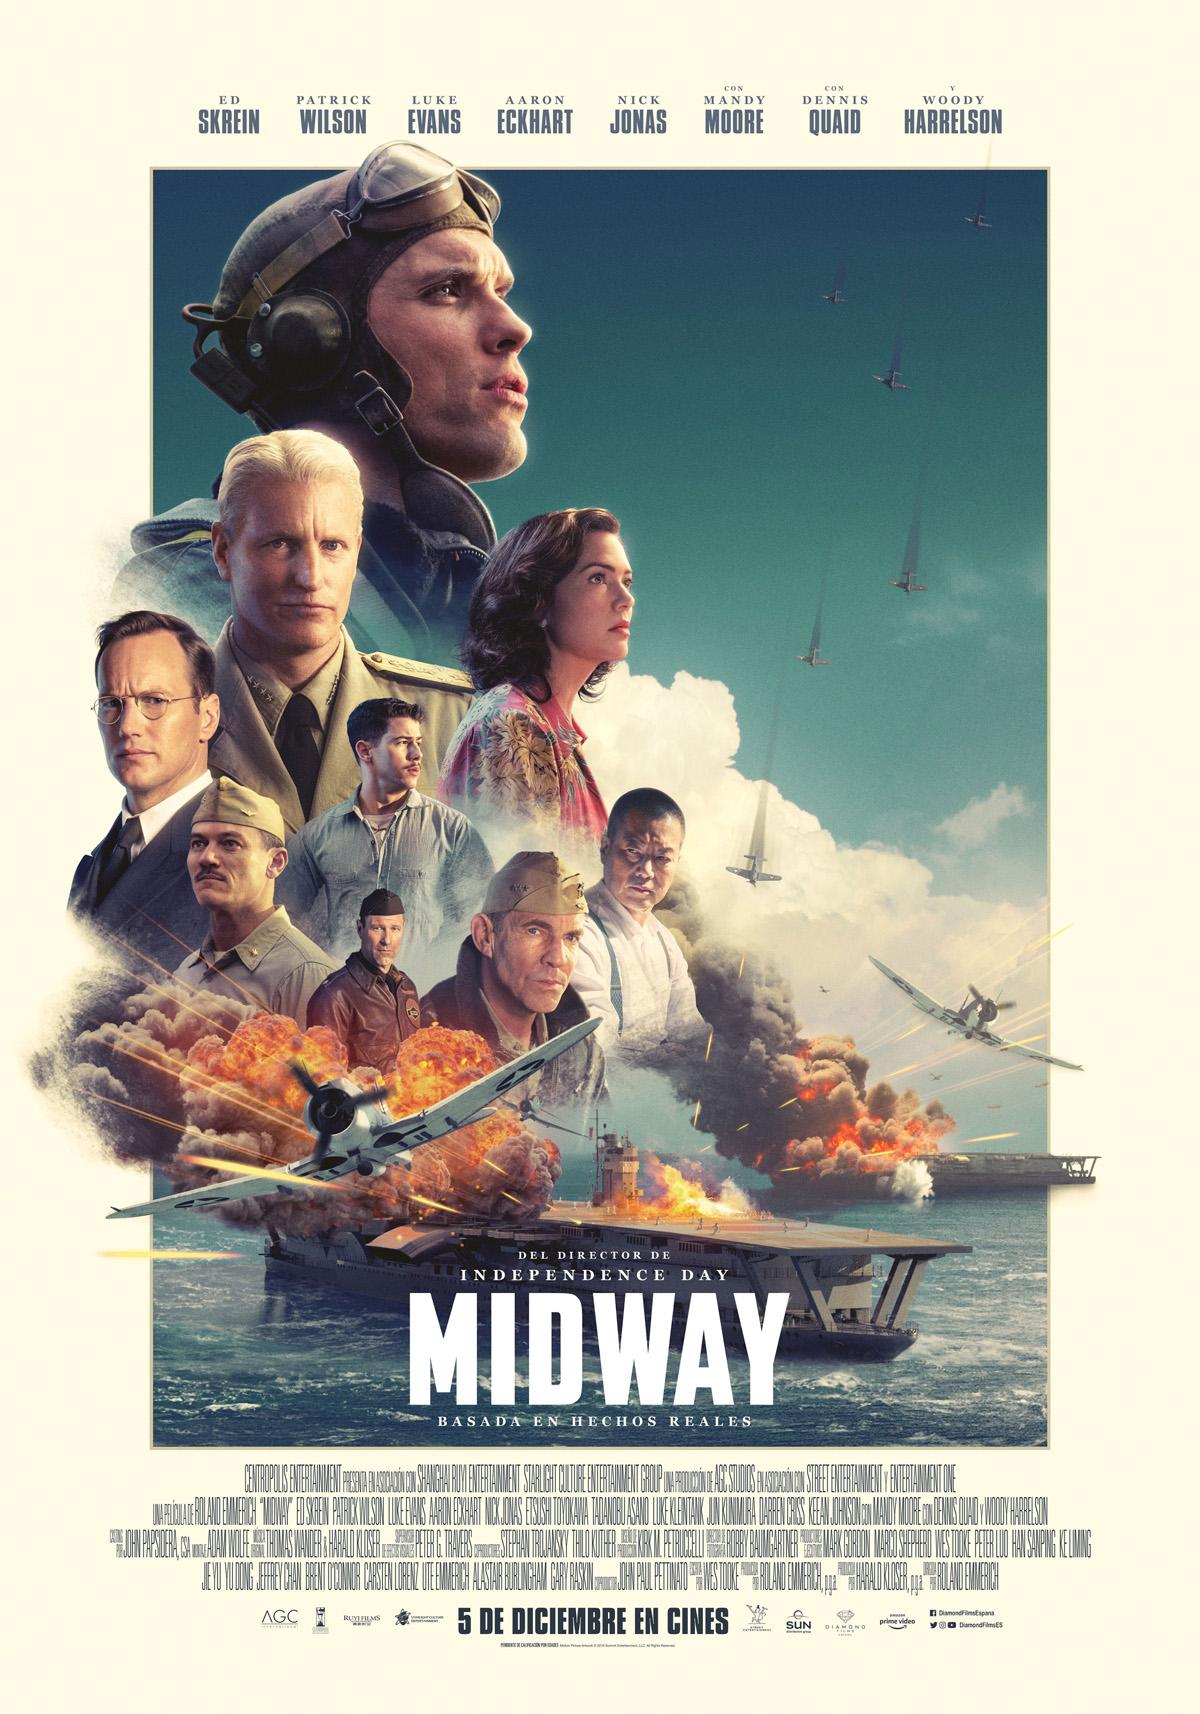 Midway Pelicula 2019 Sensacine Com